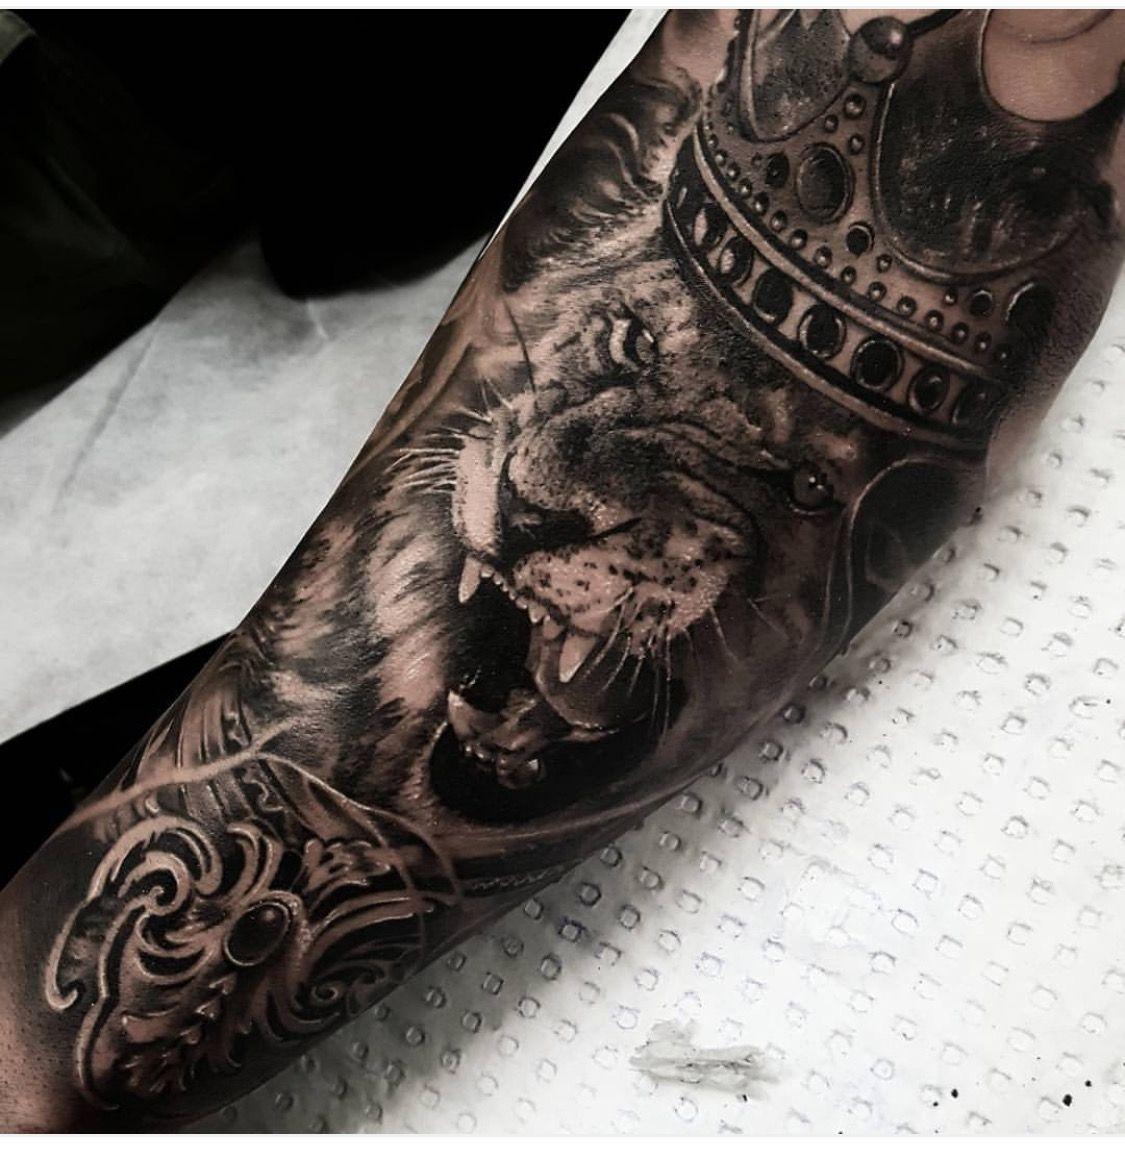 Pin by fabio gomes on m tattoos pinterest tattoo tatting